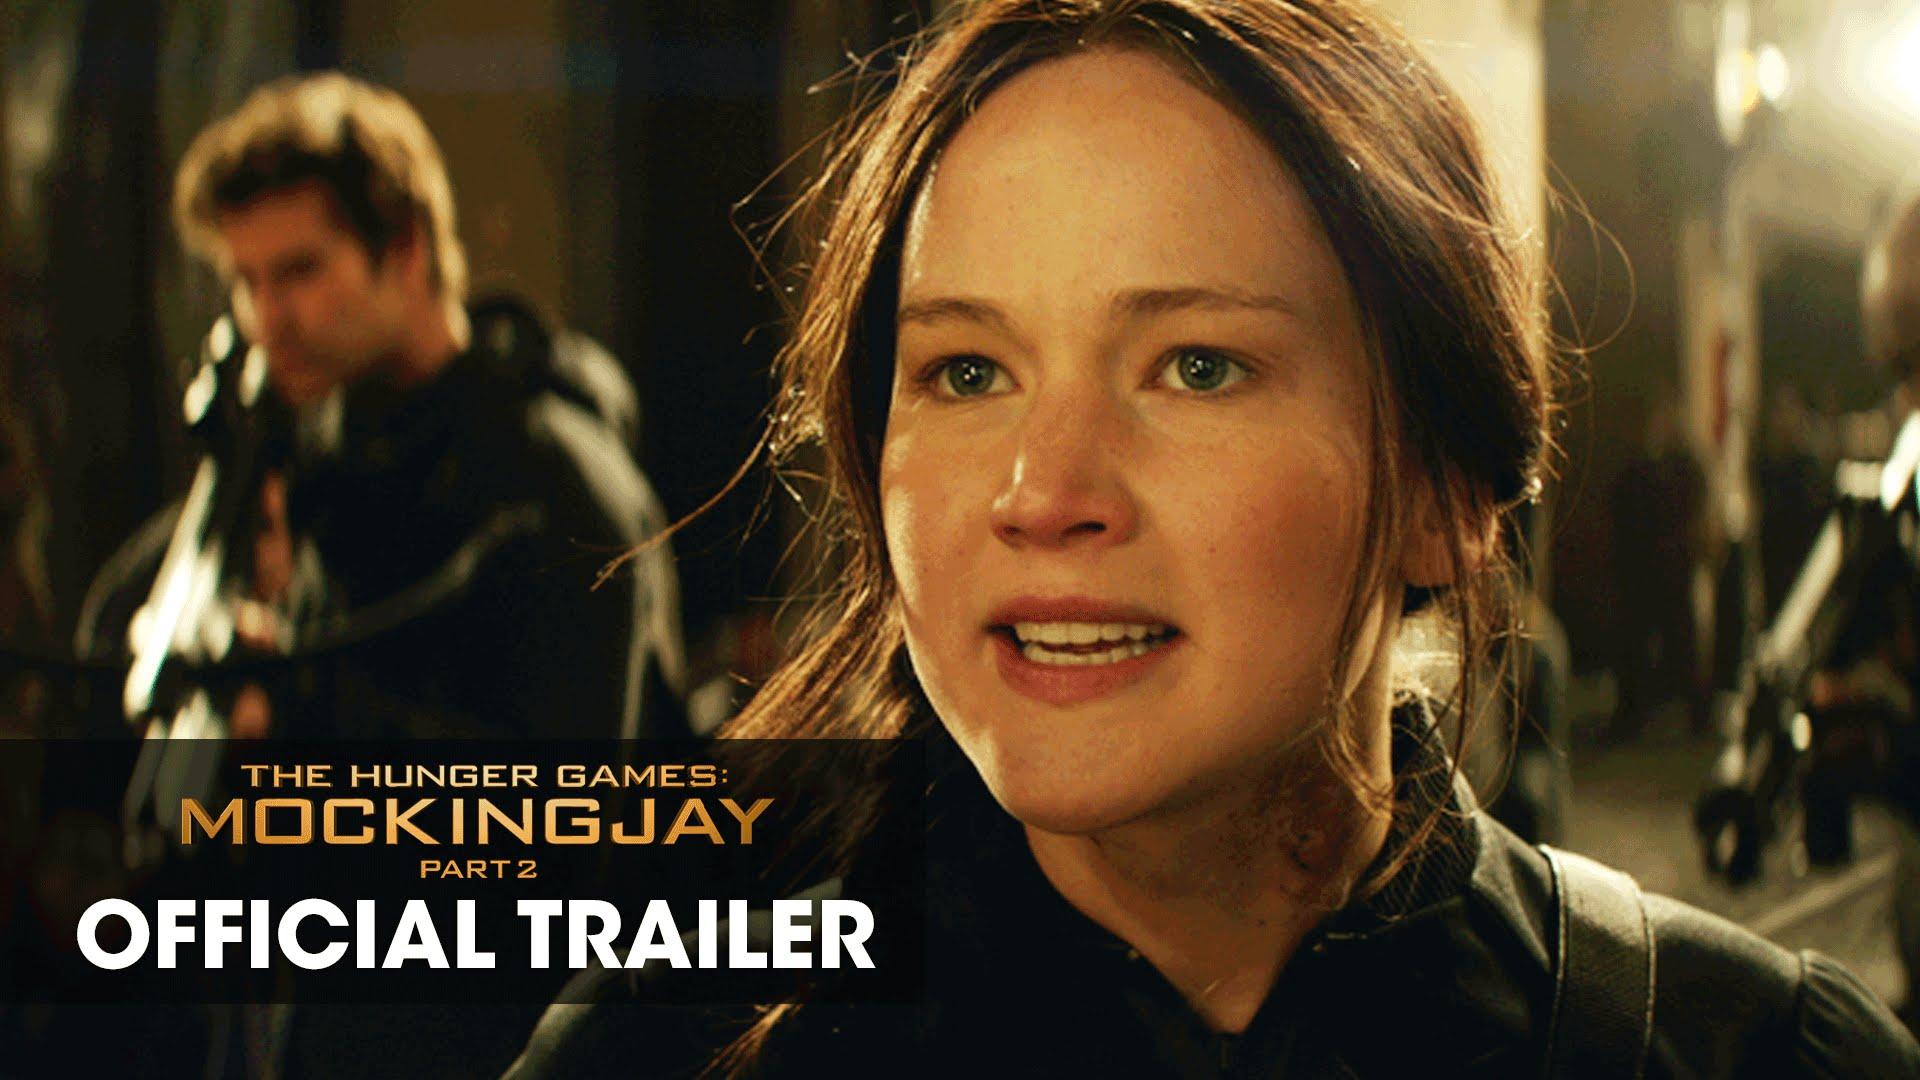 """Lässt euch der Trailer zu """"The Hunger Games: Mockingjay Part 2"""" auch ein bisschen kalt?"""